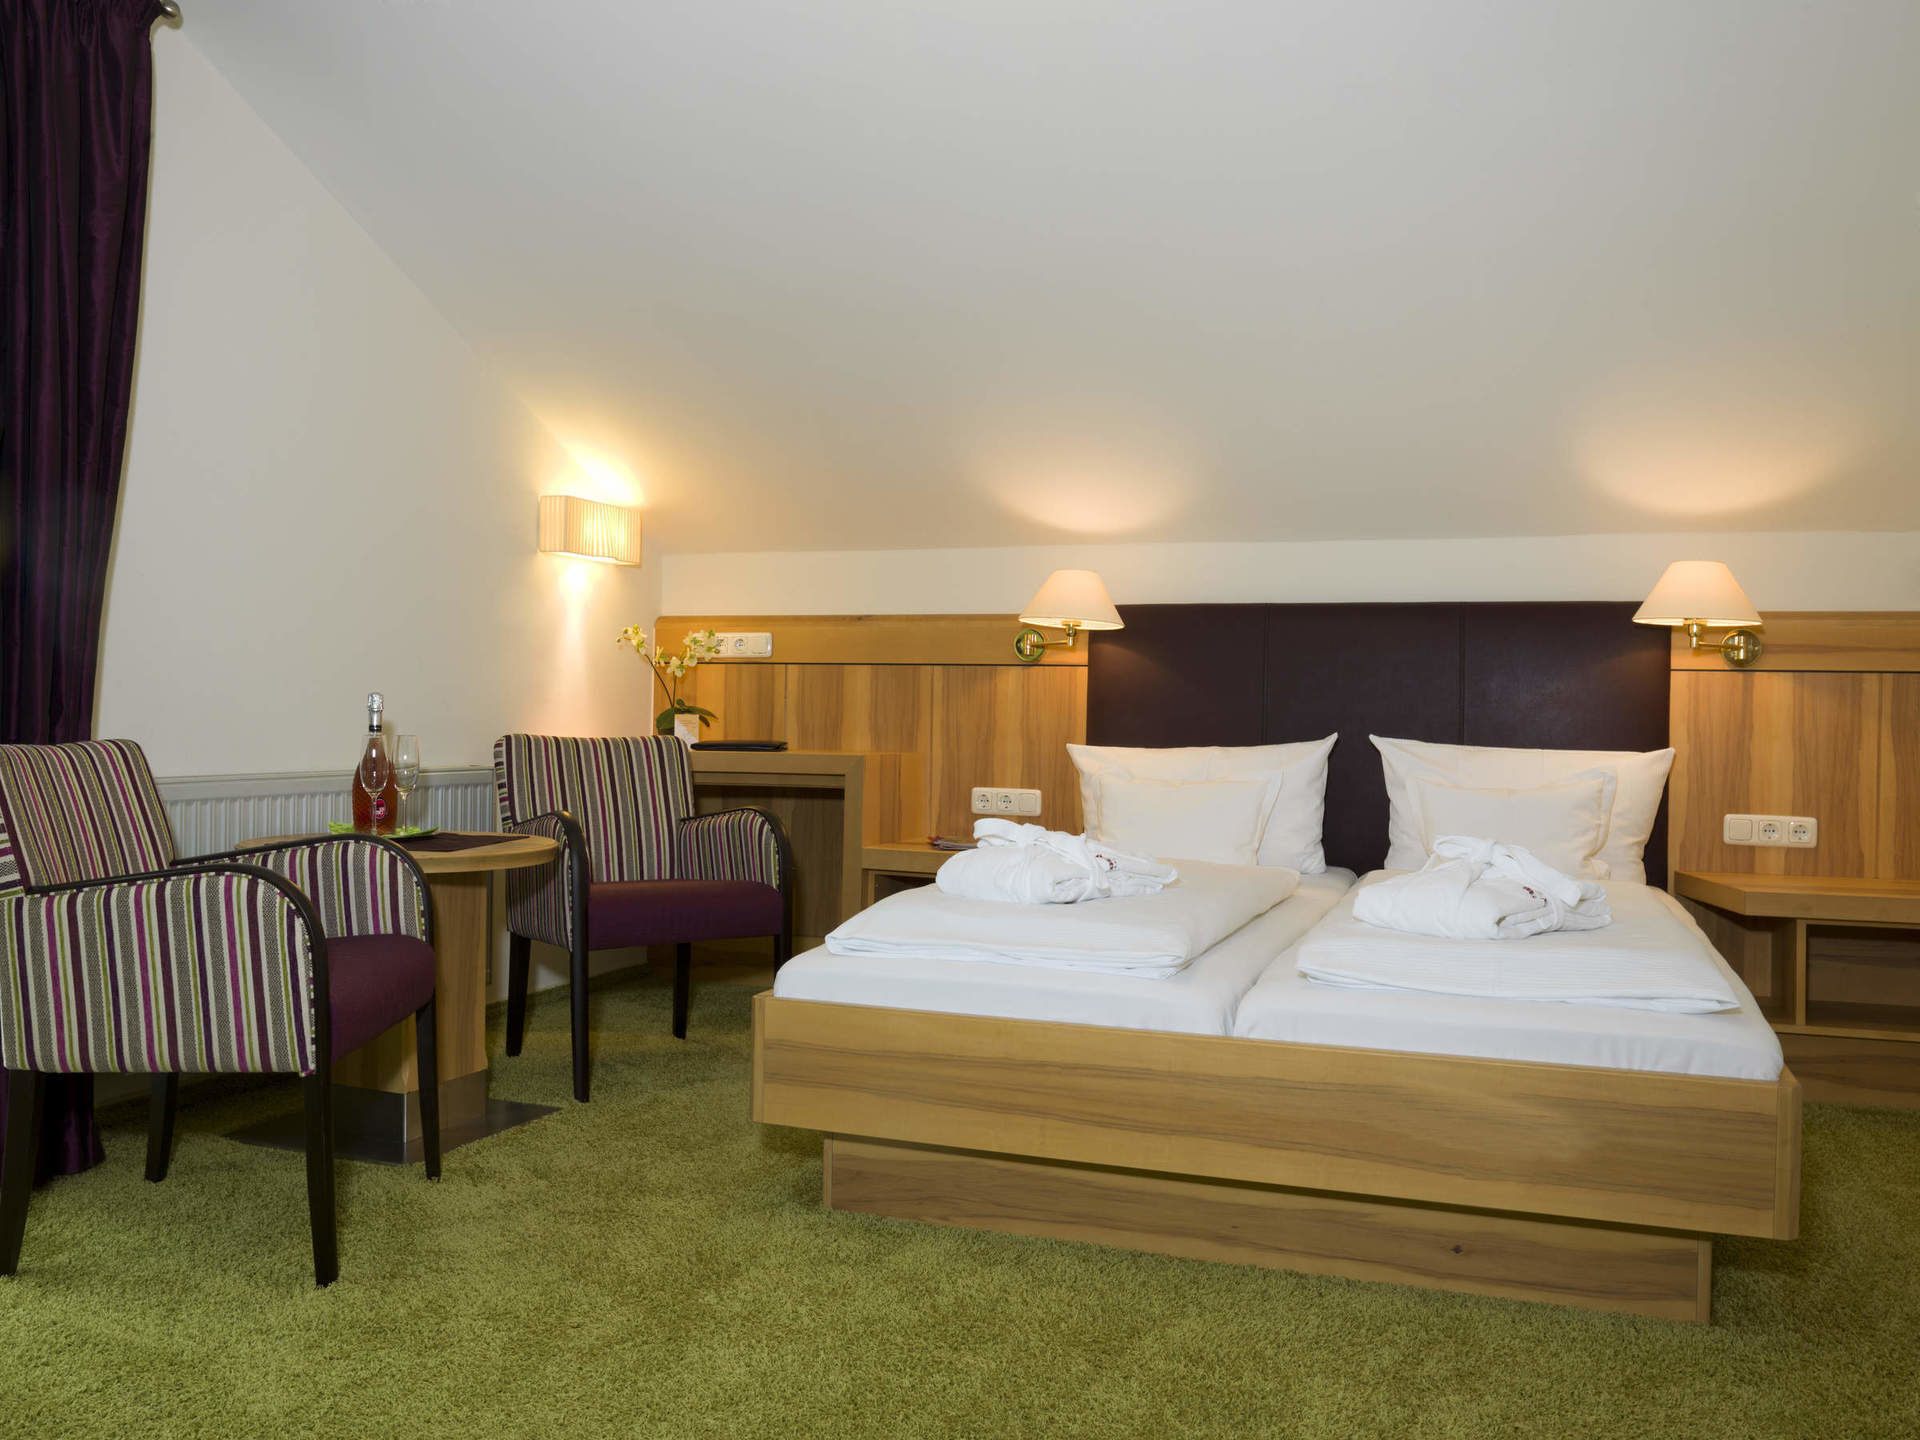 preise angebote reinerhof wellnesshotel bayerischer wald st englmar. Black Bedroom Furniture Sets. Home Design Ideas